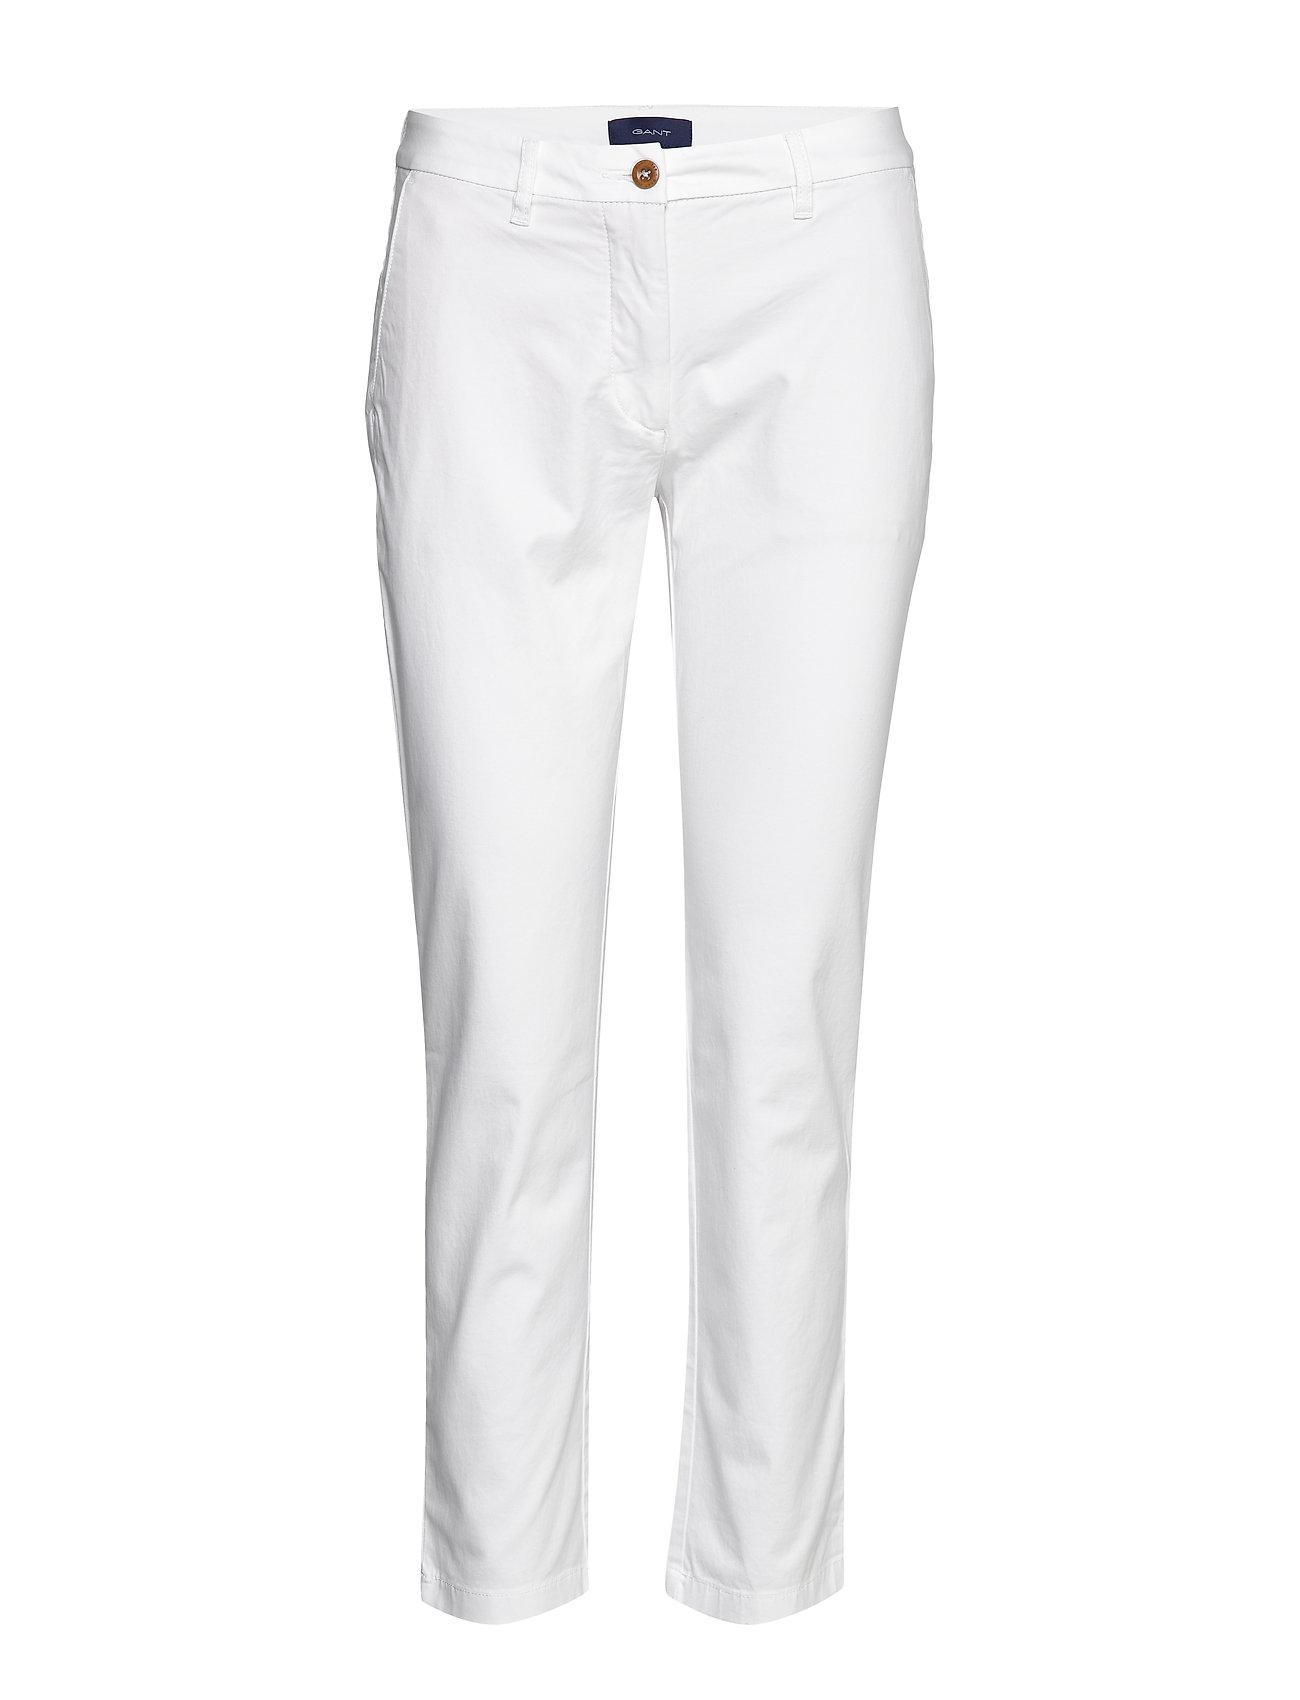 Gant CLASSIC CHINO - WHITE